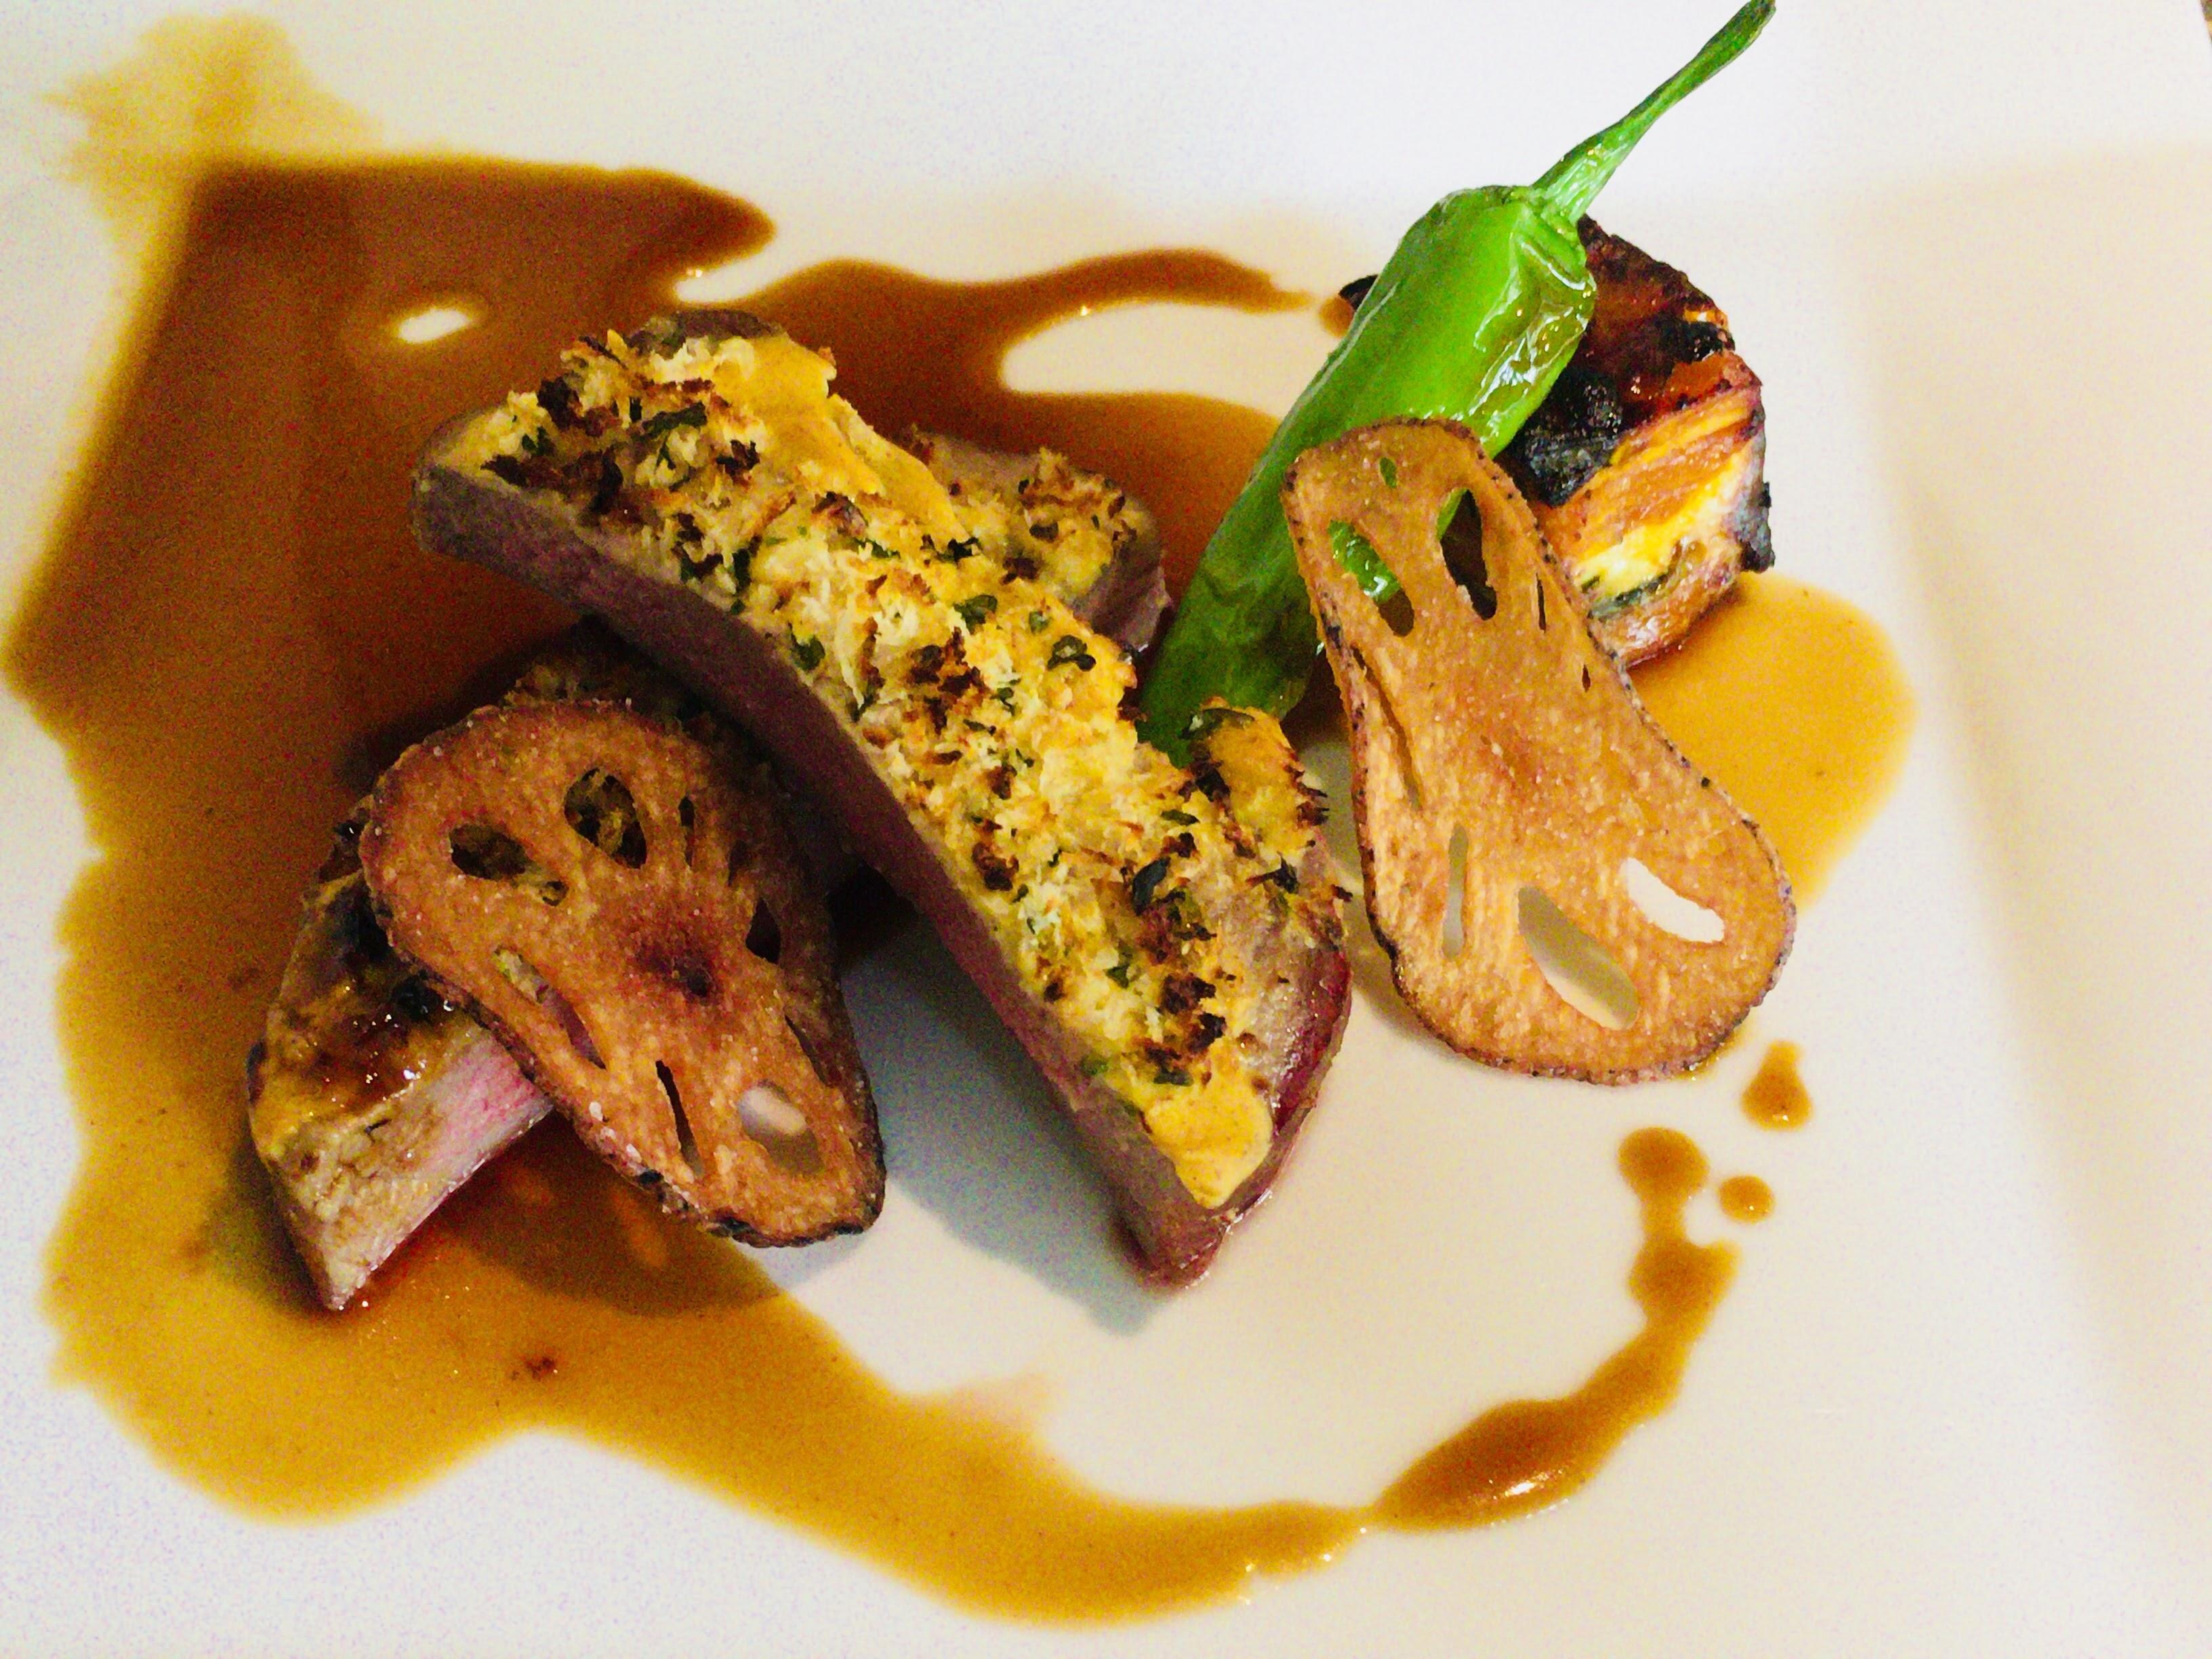 【市中山居】合志市の古民家レストランで食べる一流シェフのフレンチコース